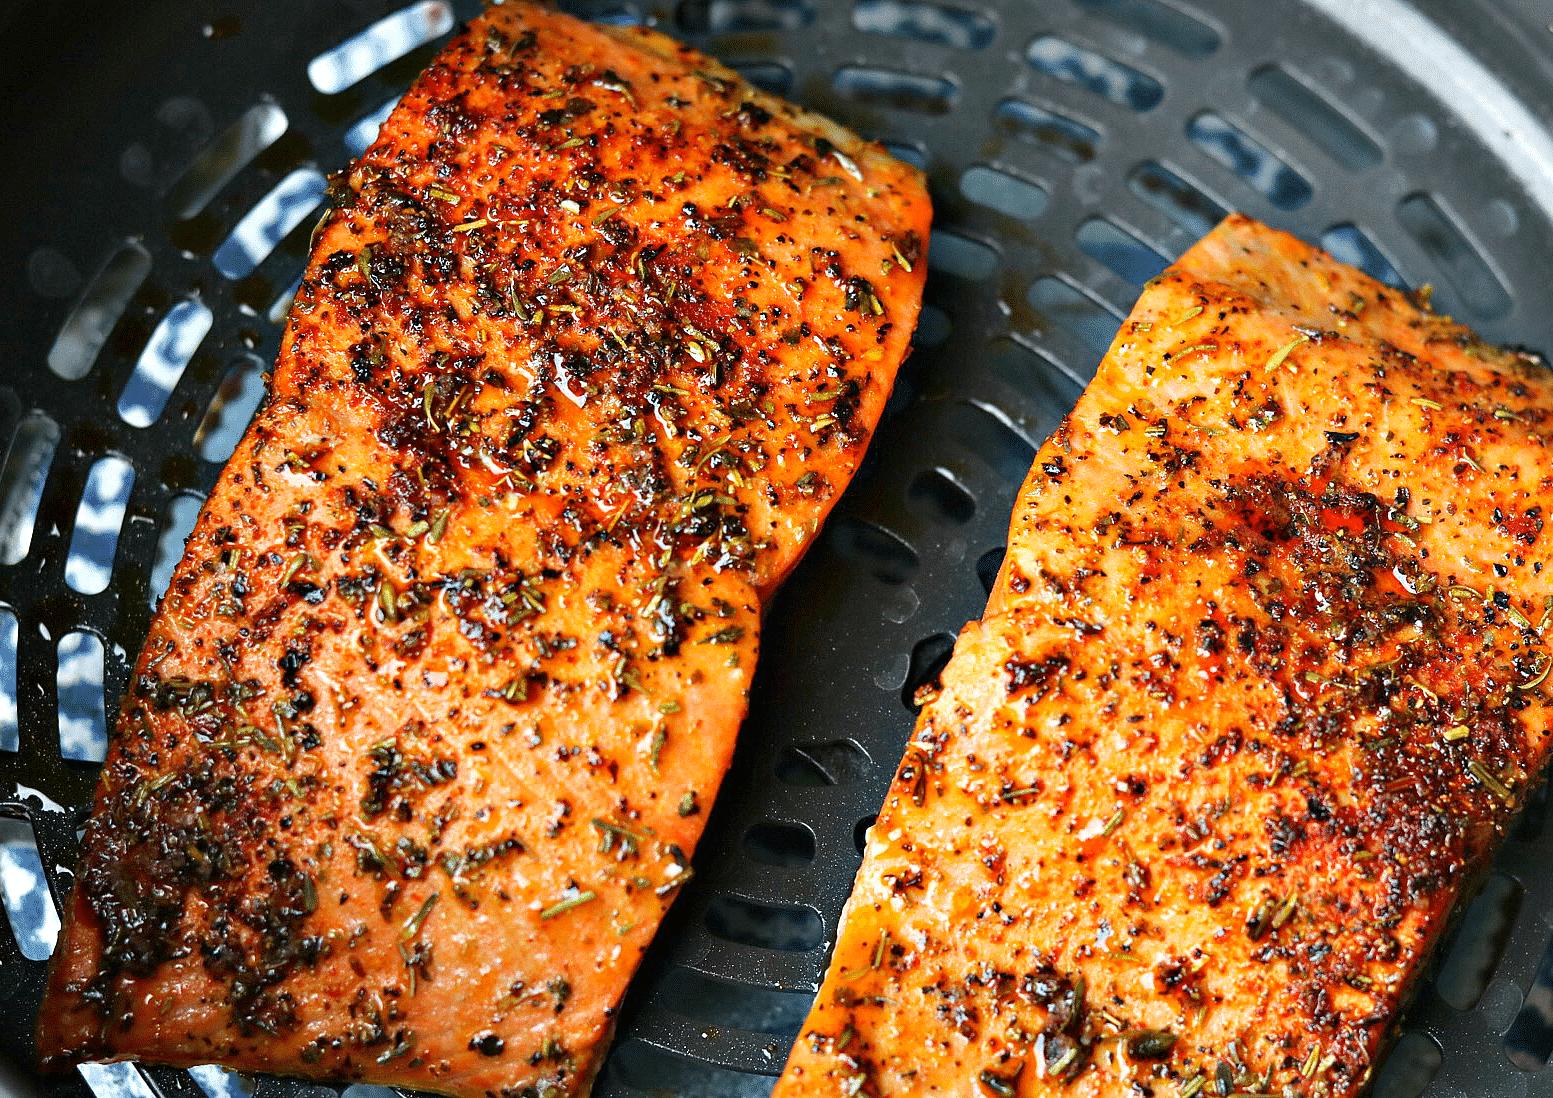 Ninja Foodi salmon in the crisping pan